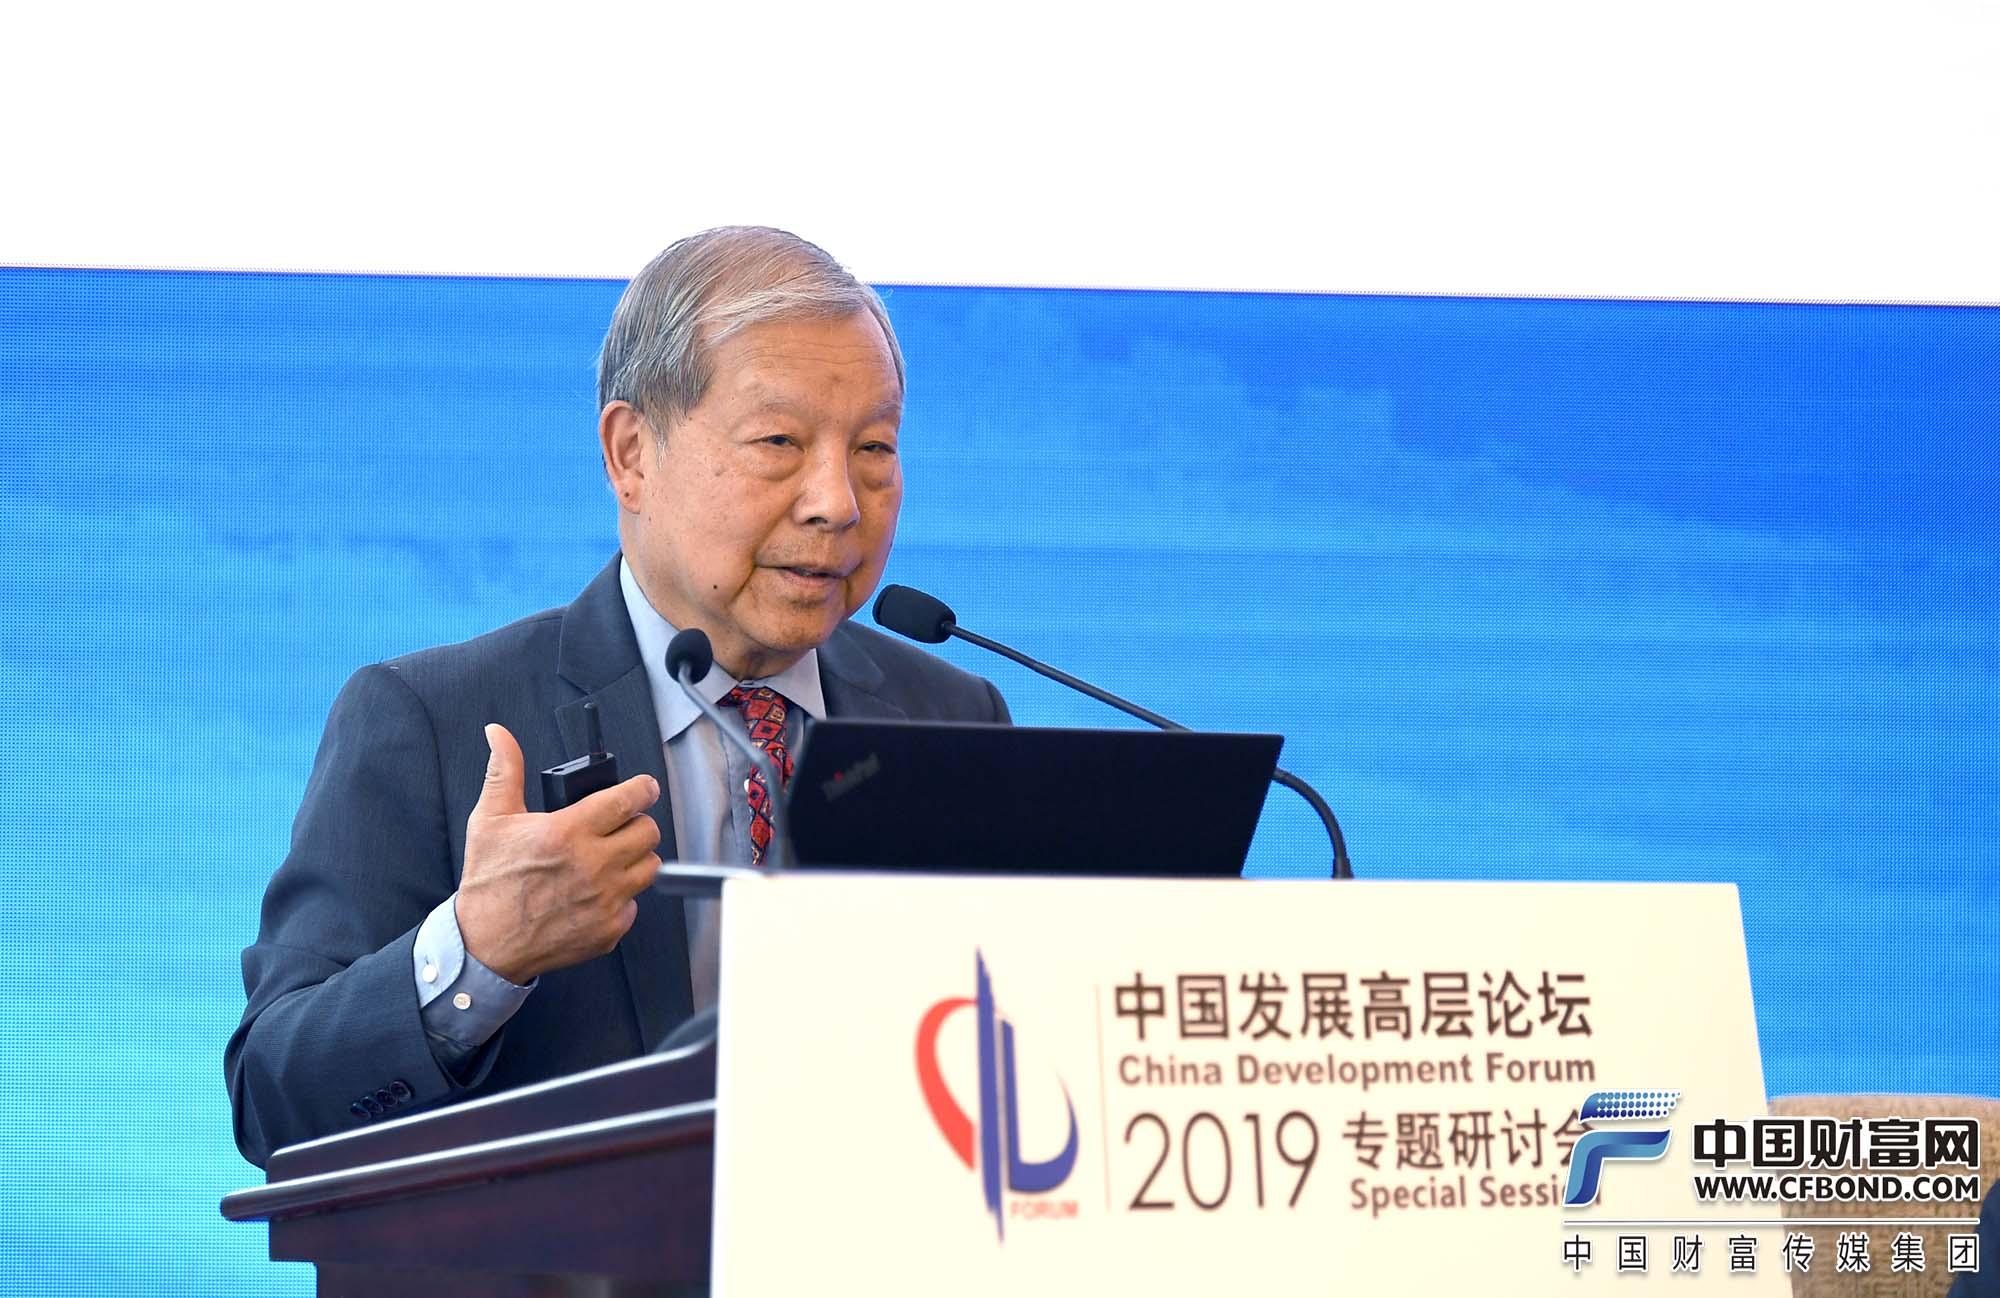 卡内基国际和平研究院亚洲项目资深研究员黄育川发言